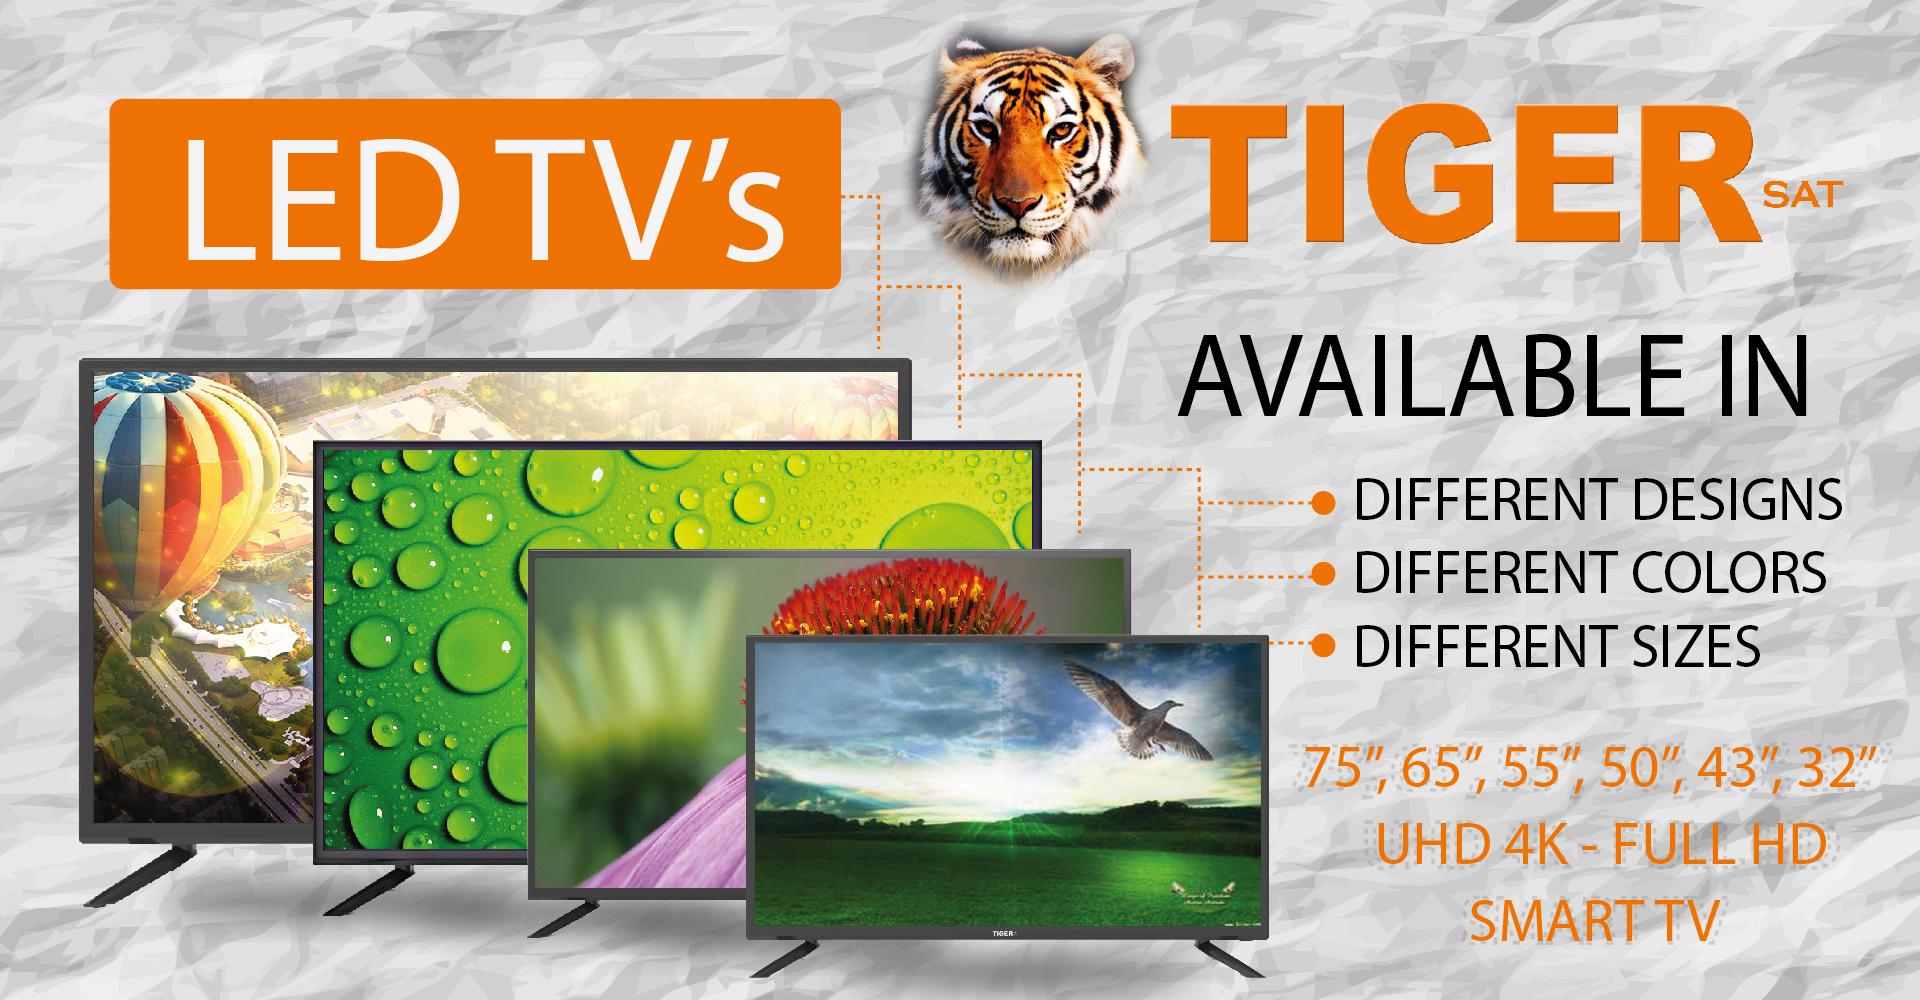 HOME_TIGER SMART DIGITAL SATELLITE RECEIVER SET TOP BOX LED TV